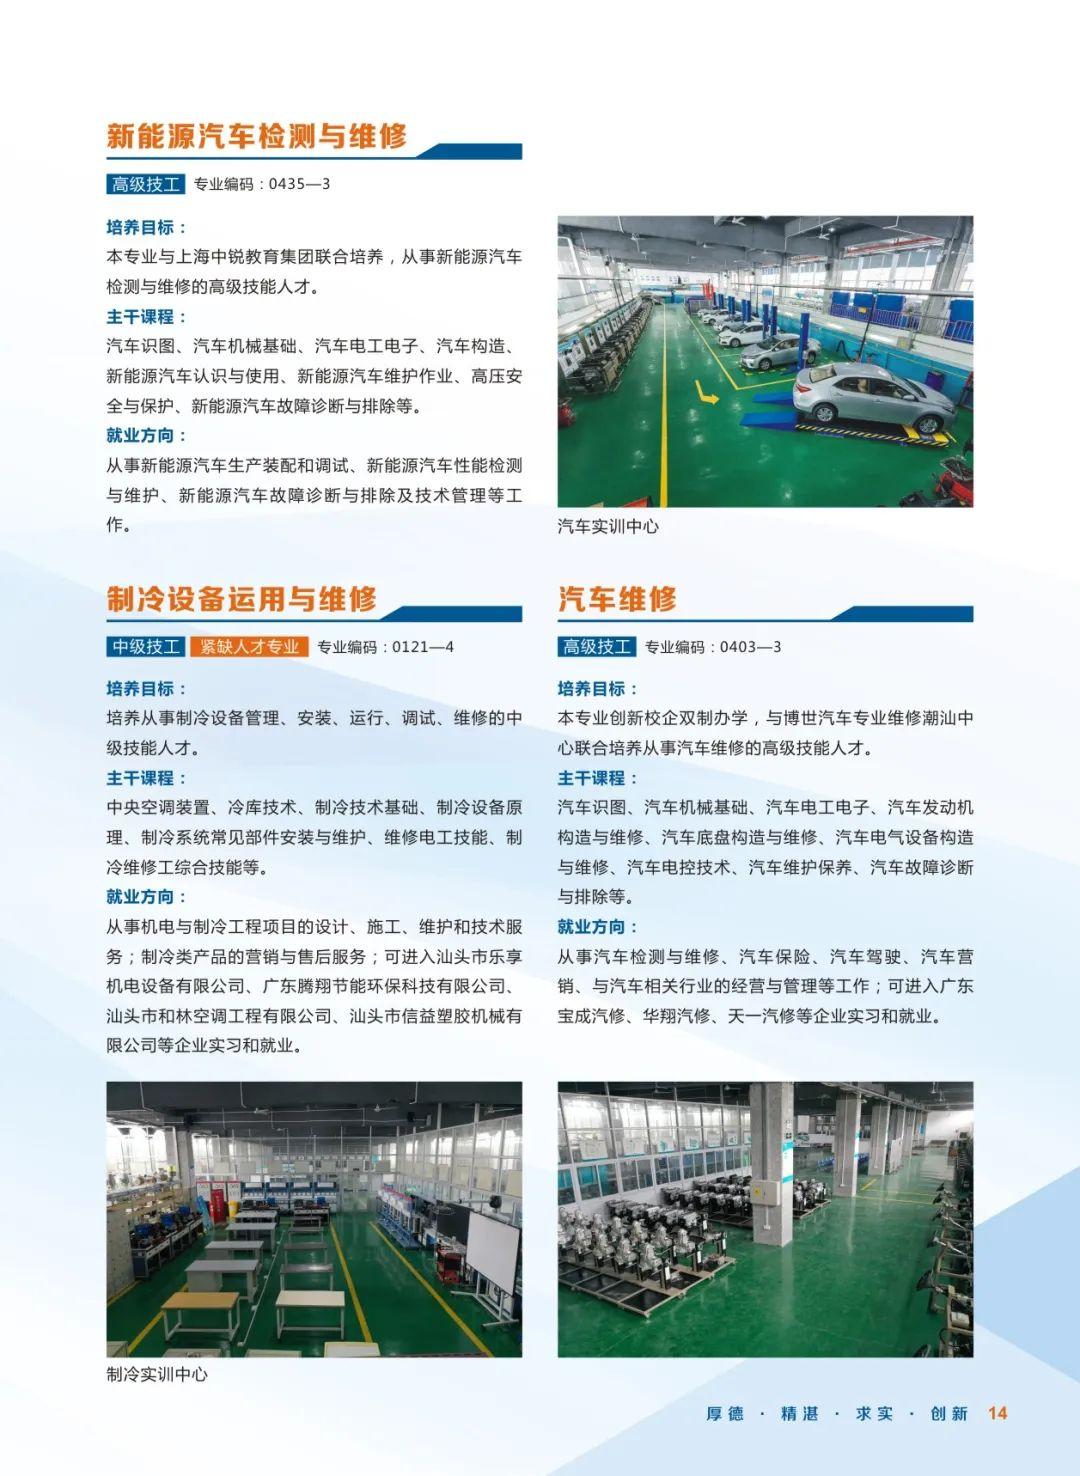 广州技校排名_汕头技师学院-广东技校排名网